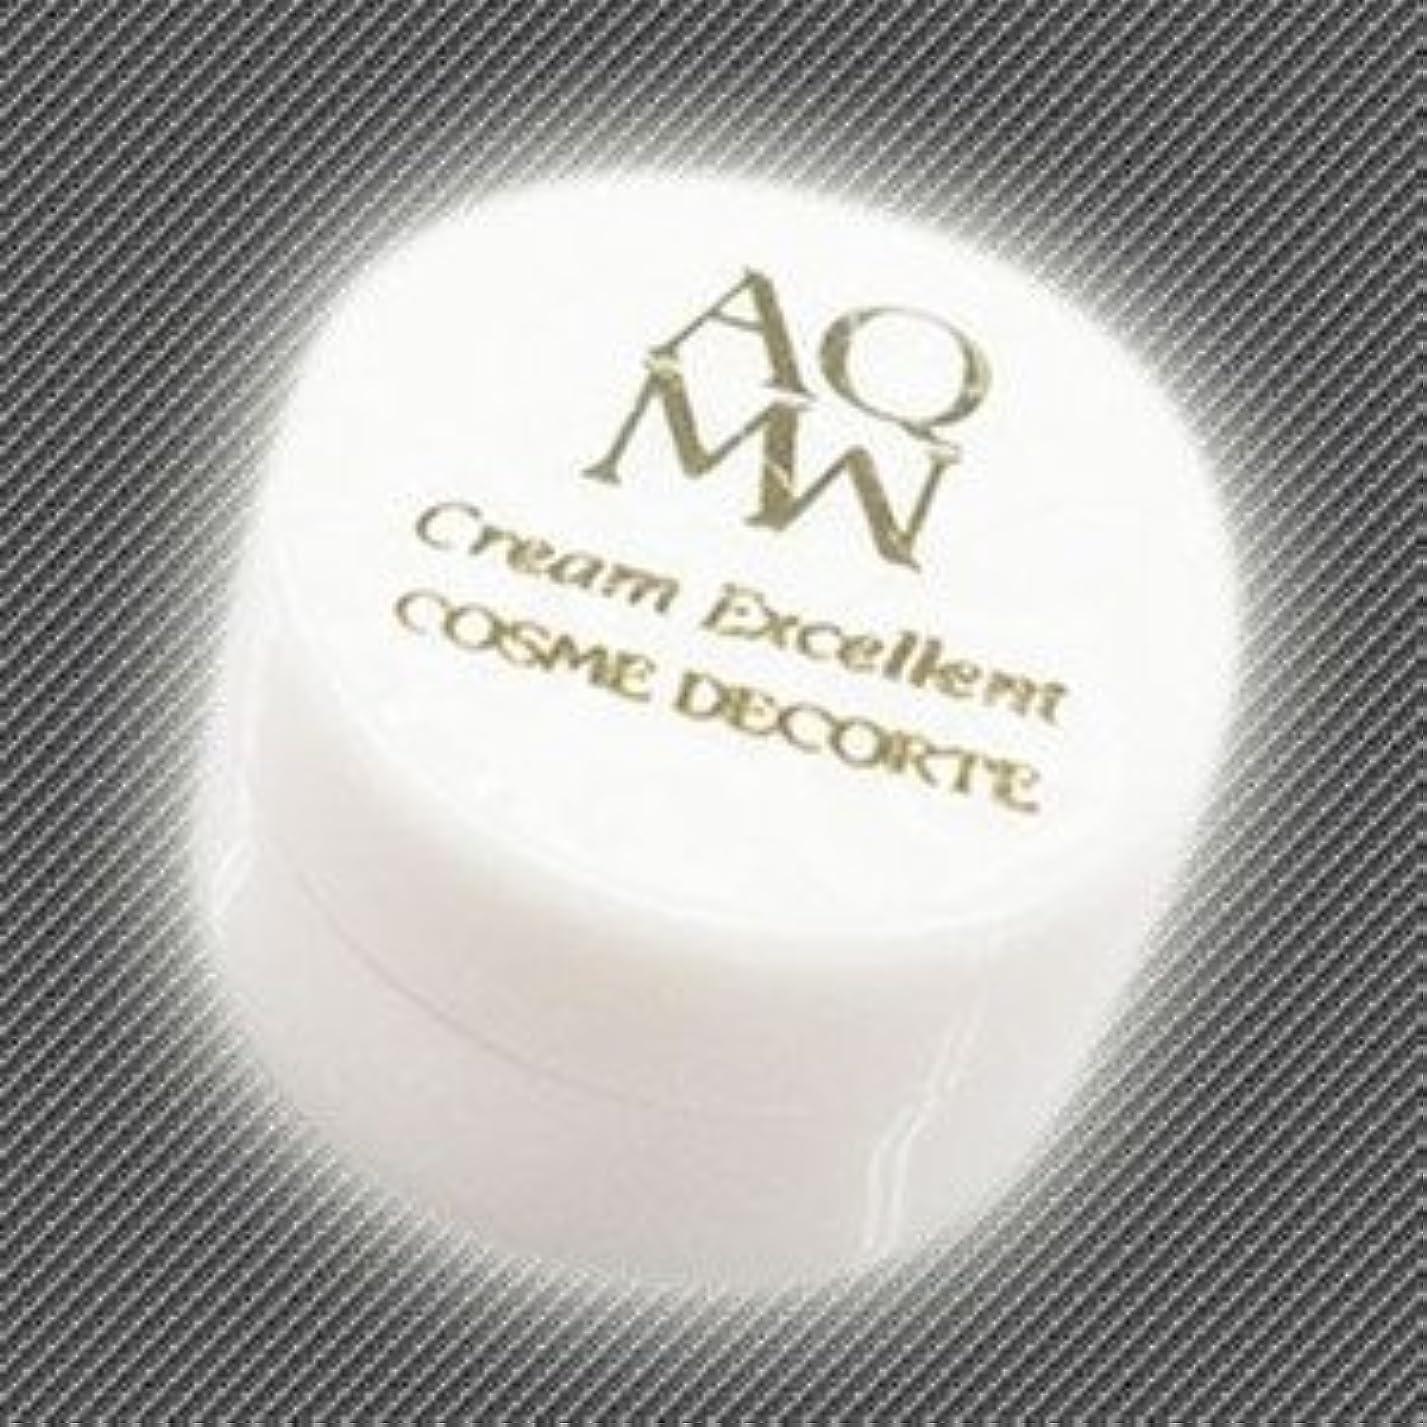 コスメデコルテ AQ MW クリームエクセレント 2.4ml(ミニ)